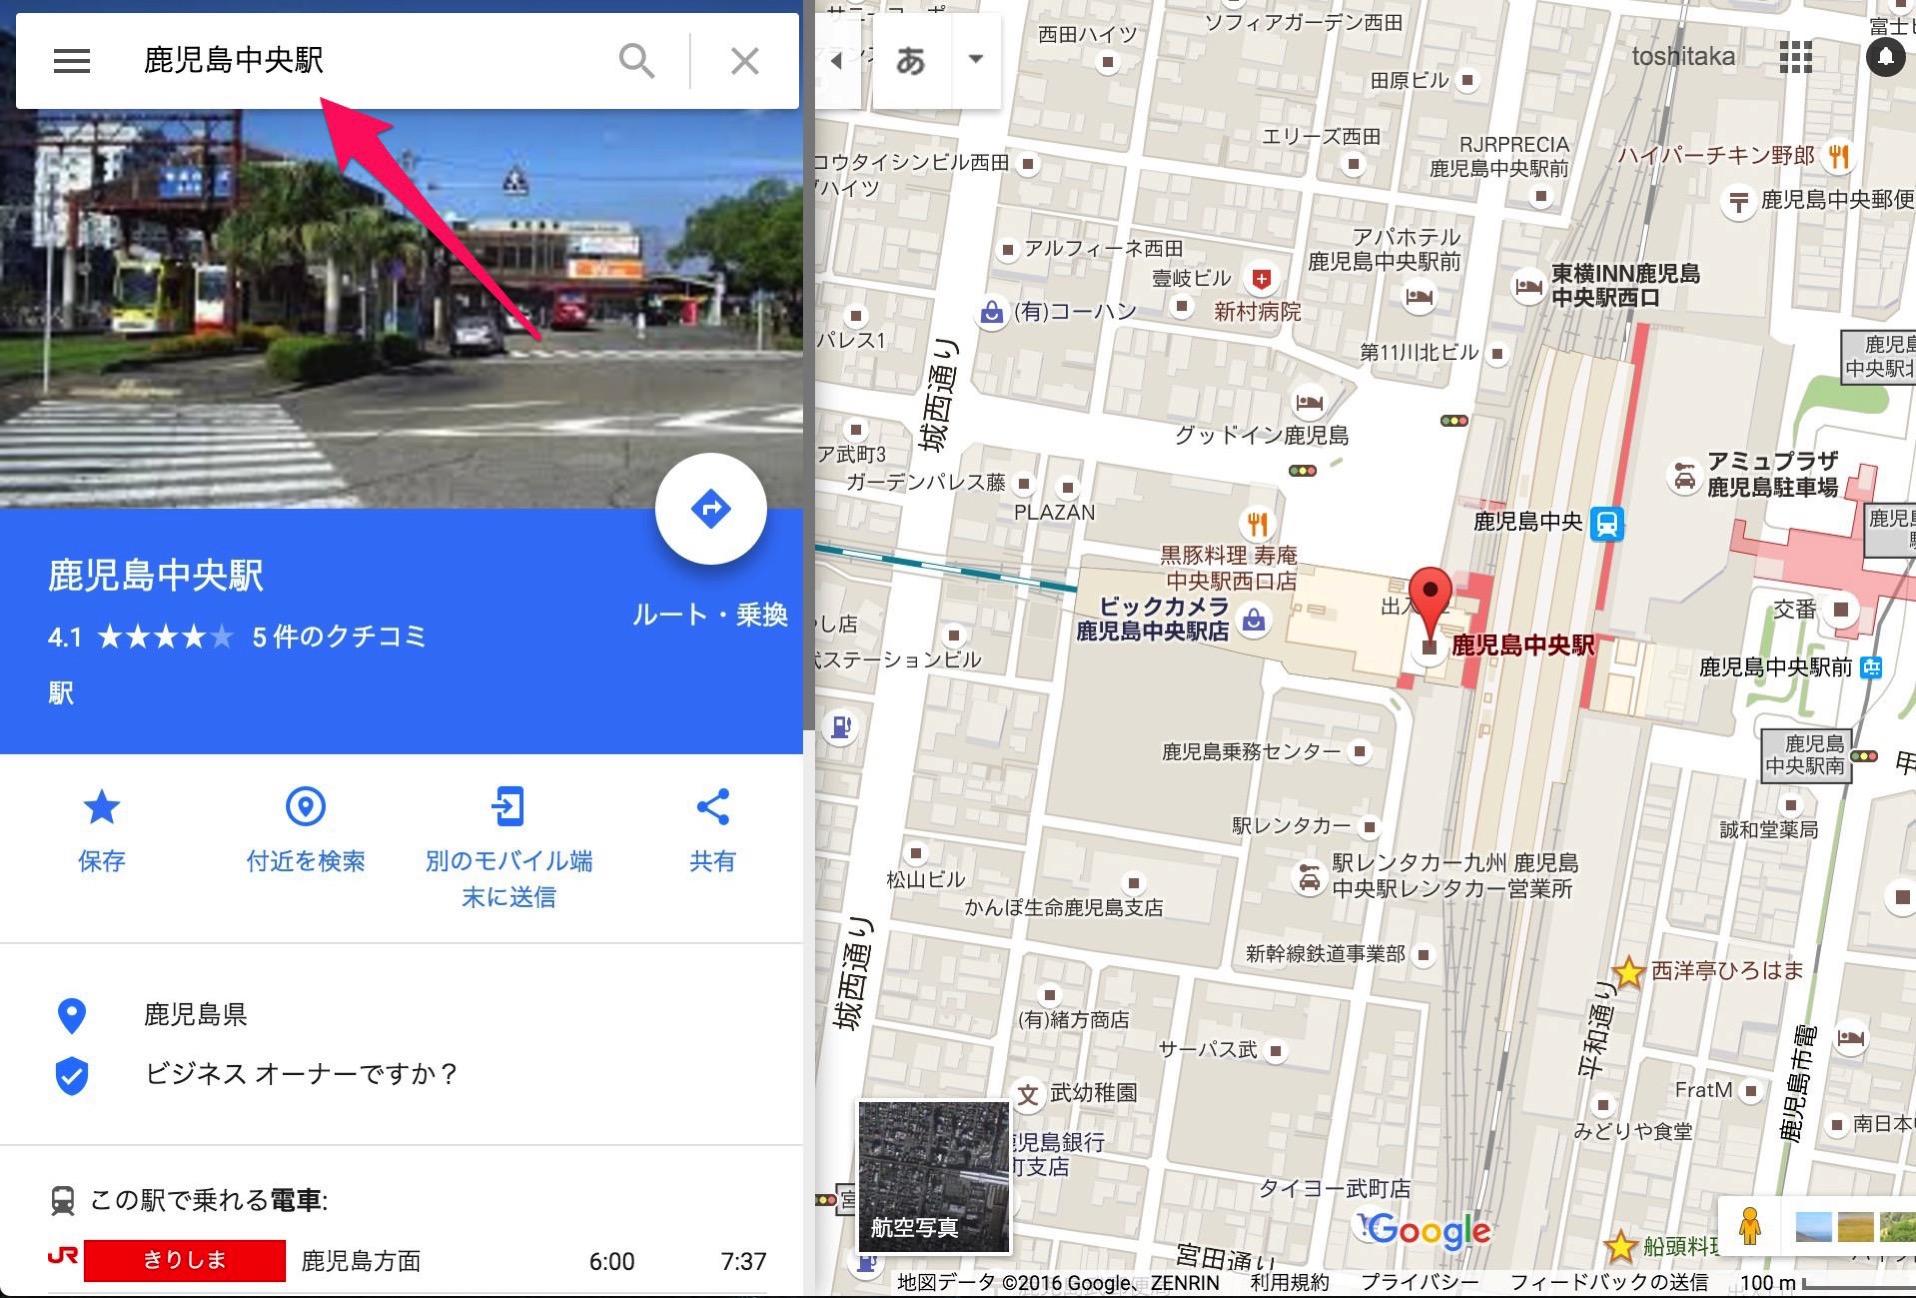 グーグルマップから地図データを取得する-1